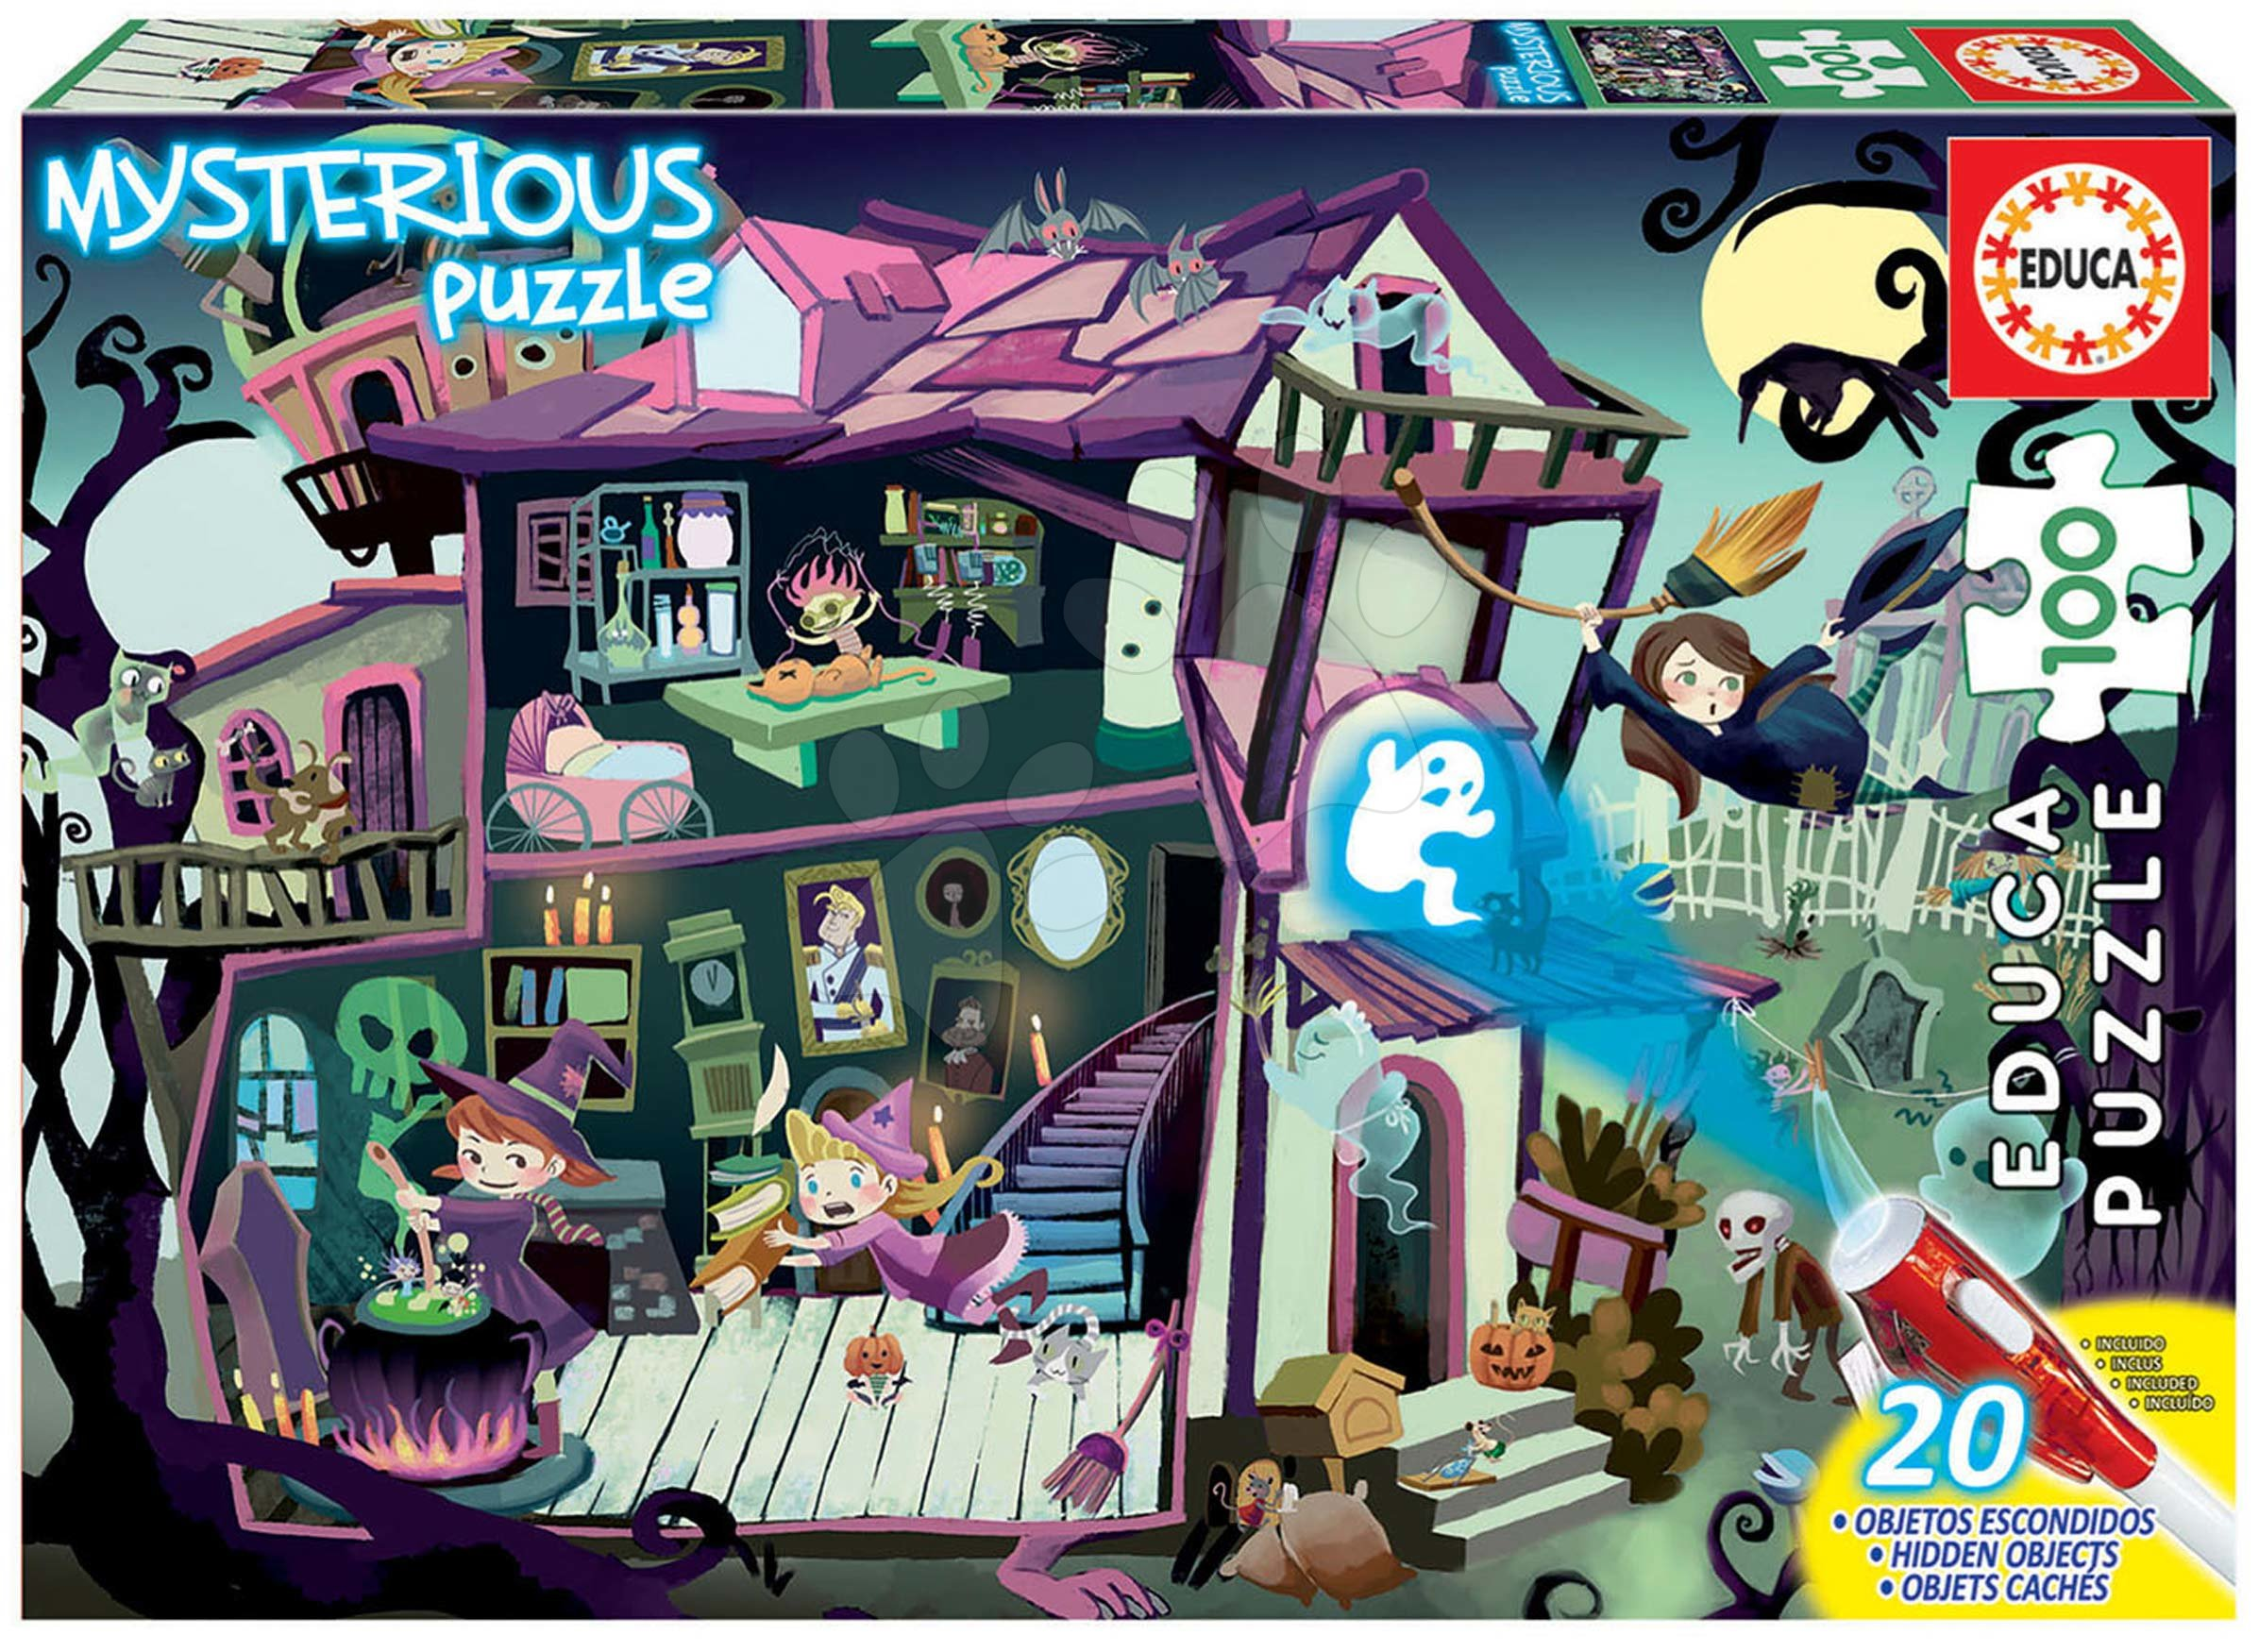 Puzzle Mysterious Ghost House Educa 100 dílků – světélkující strašidla při lampě od 6 let